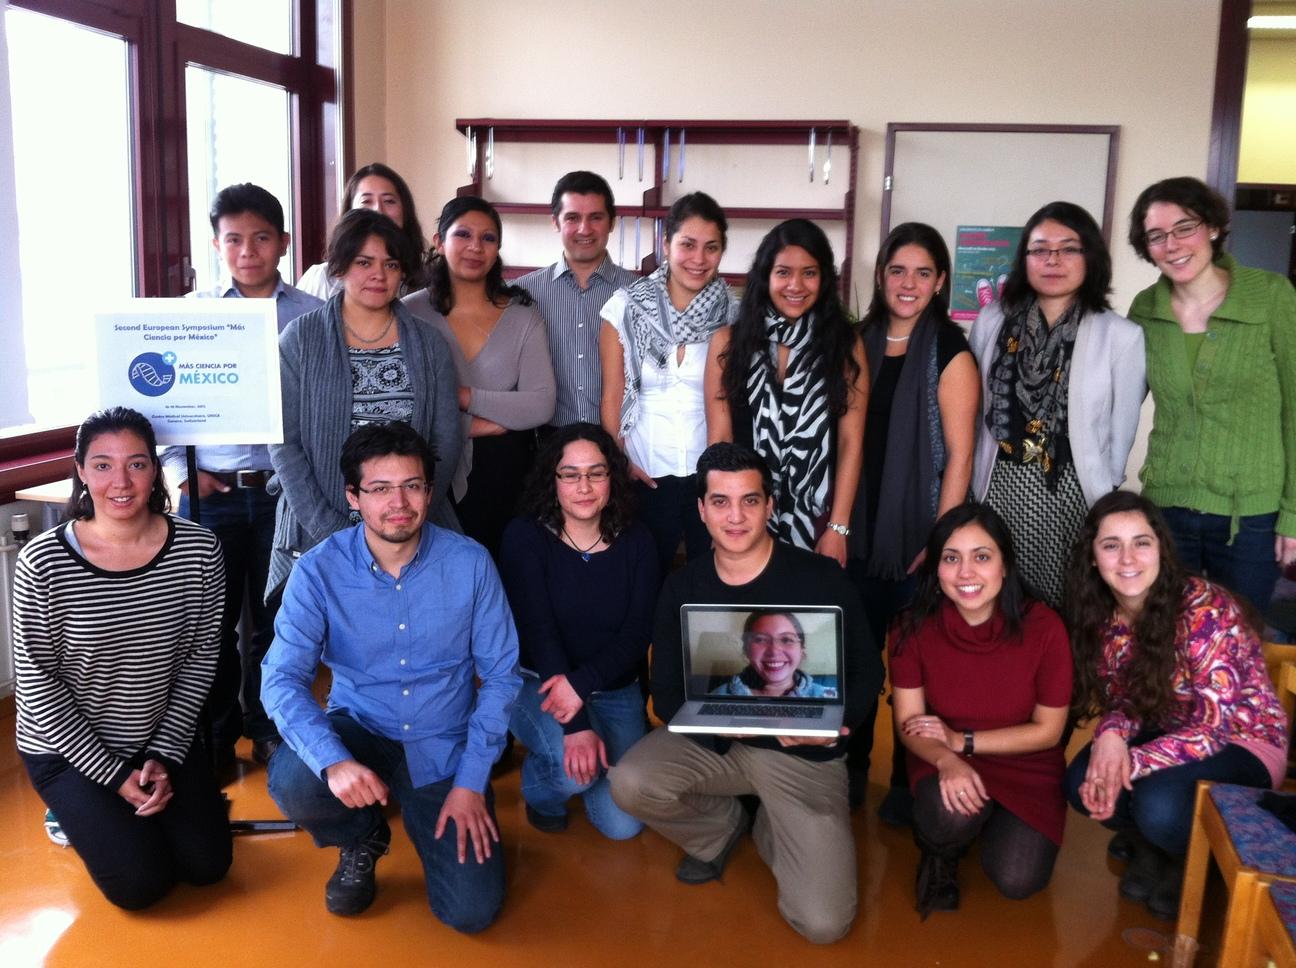 No importa en qué lugar del mundo vivas. Si compartes nuestros objetivos e intereses, eres bienvenido a formar parte del proyecto. En noviembre del año pasado, algunos de nuestros miembros viviendo en Europa asistieron a una reunión de Más Ciencia por México en Ginebra.